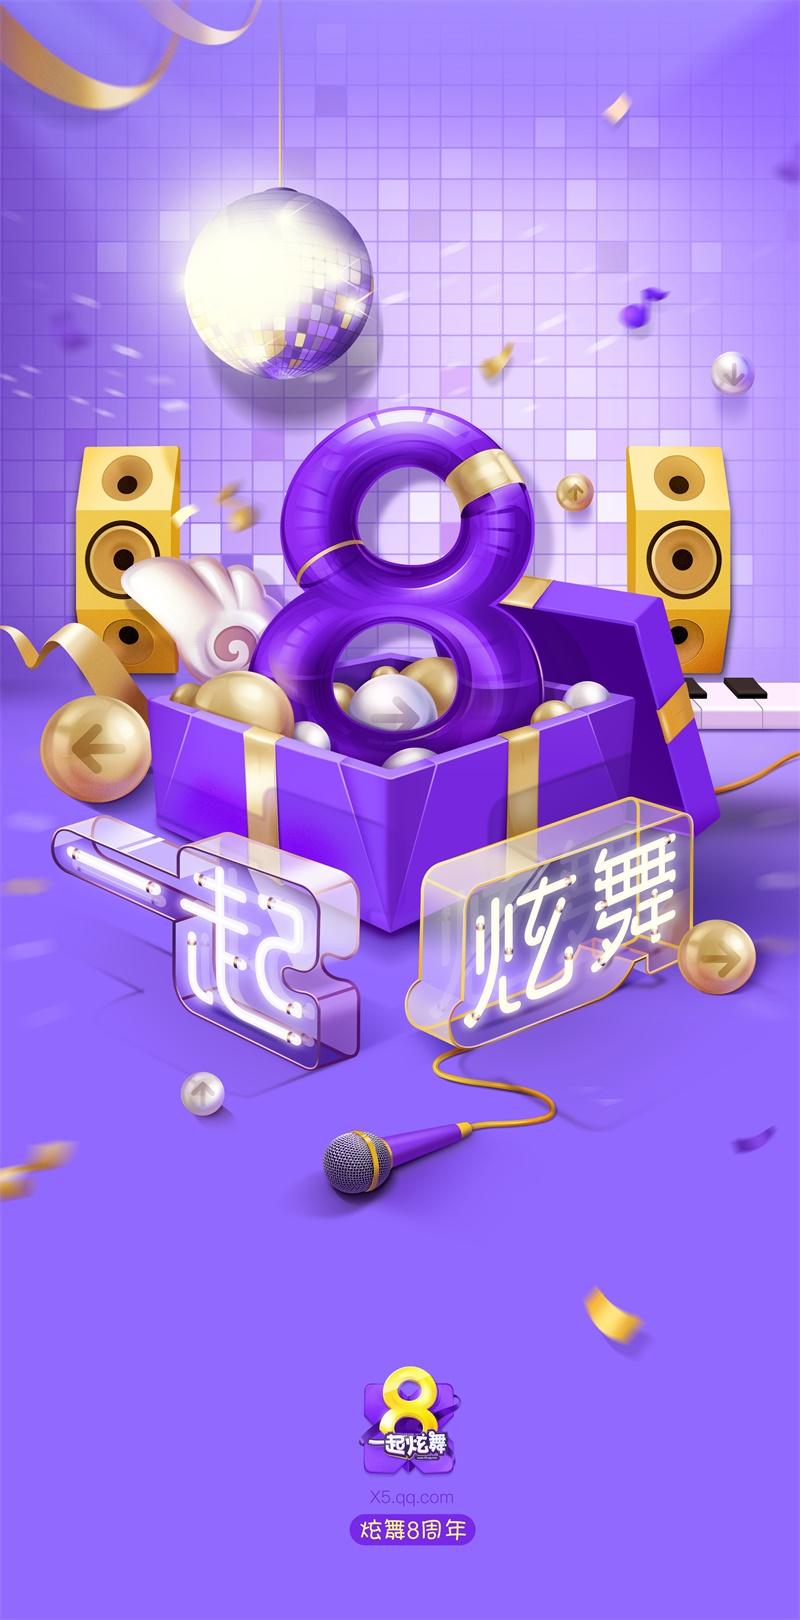 腾讯设计案例!QQ炫舞8周年视觉包装全过程回顾